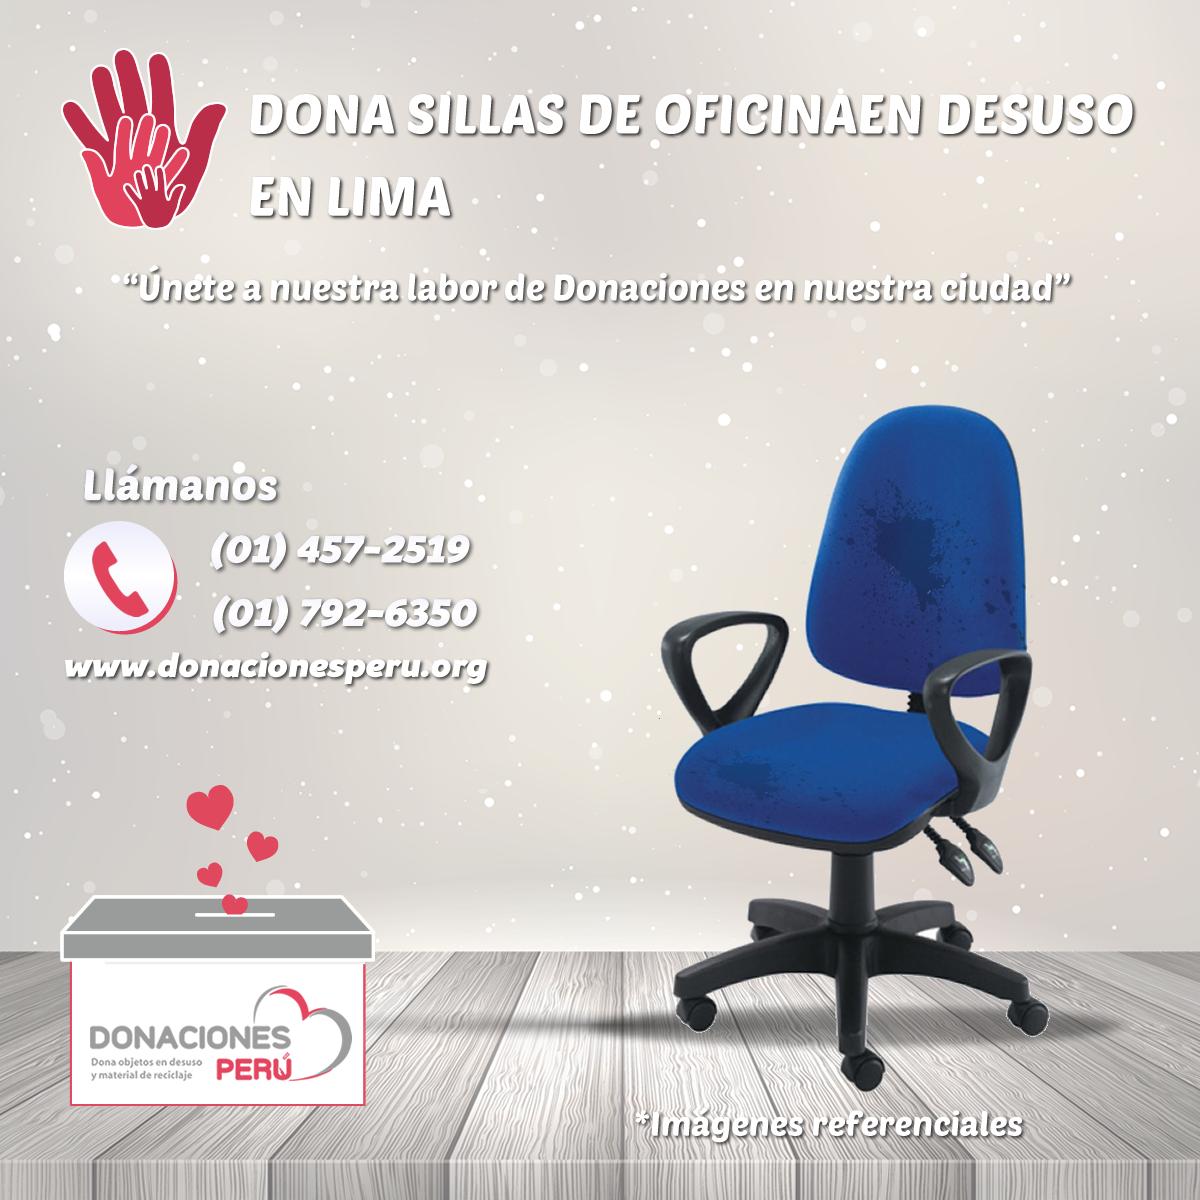 Donaciones Perú - Donaciones de Sillas en desuso en Lima